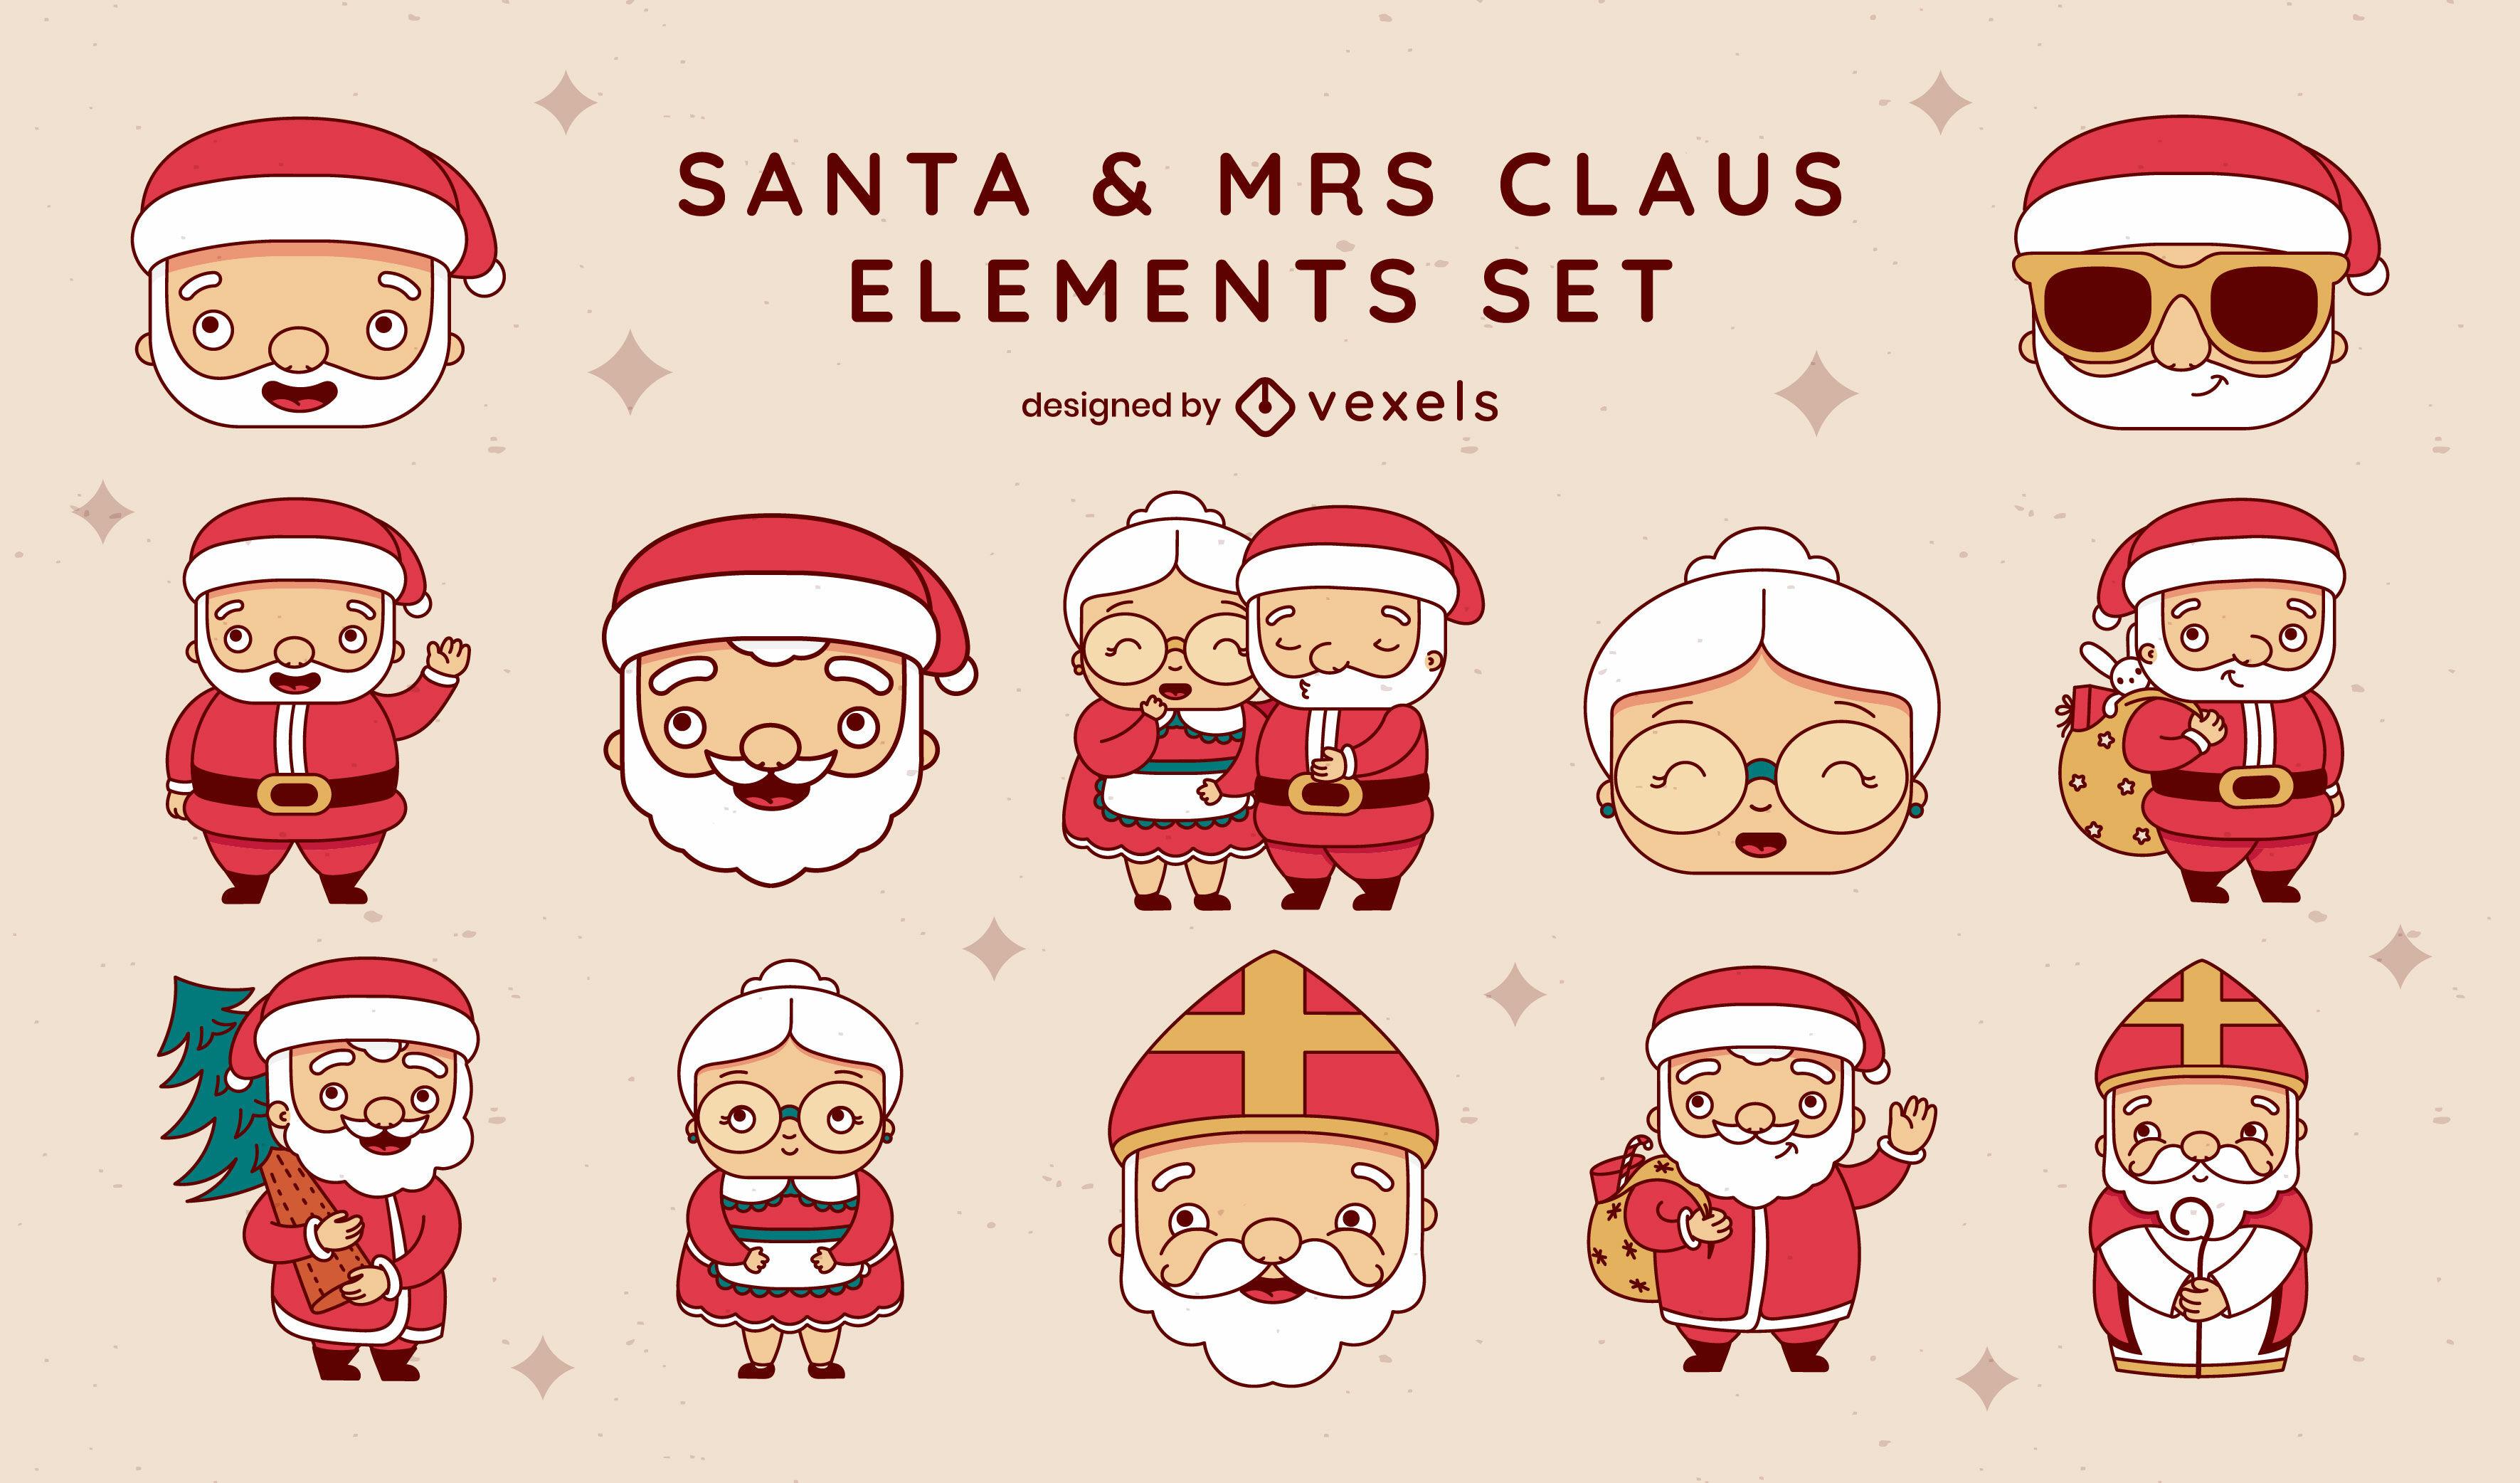 Conjunto de caracteres de Natal do Pai Natal e da Sra. Claus